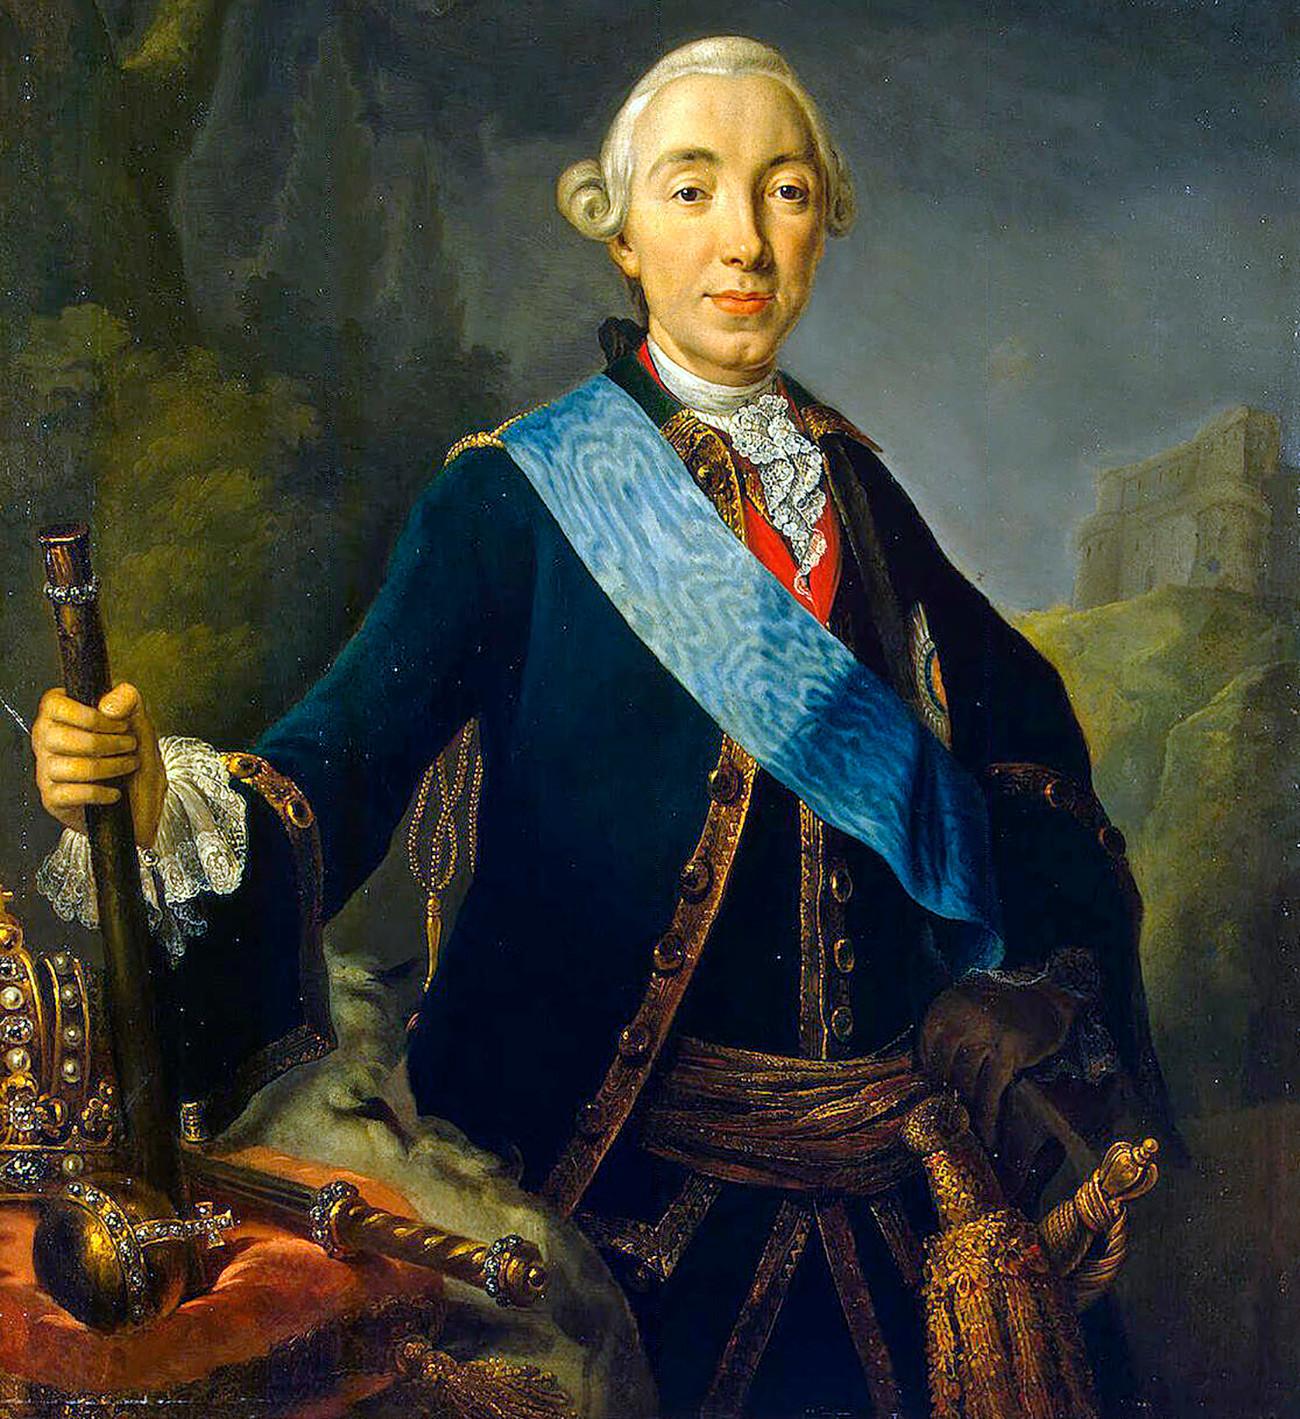 Pierre III